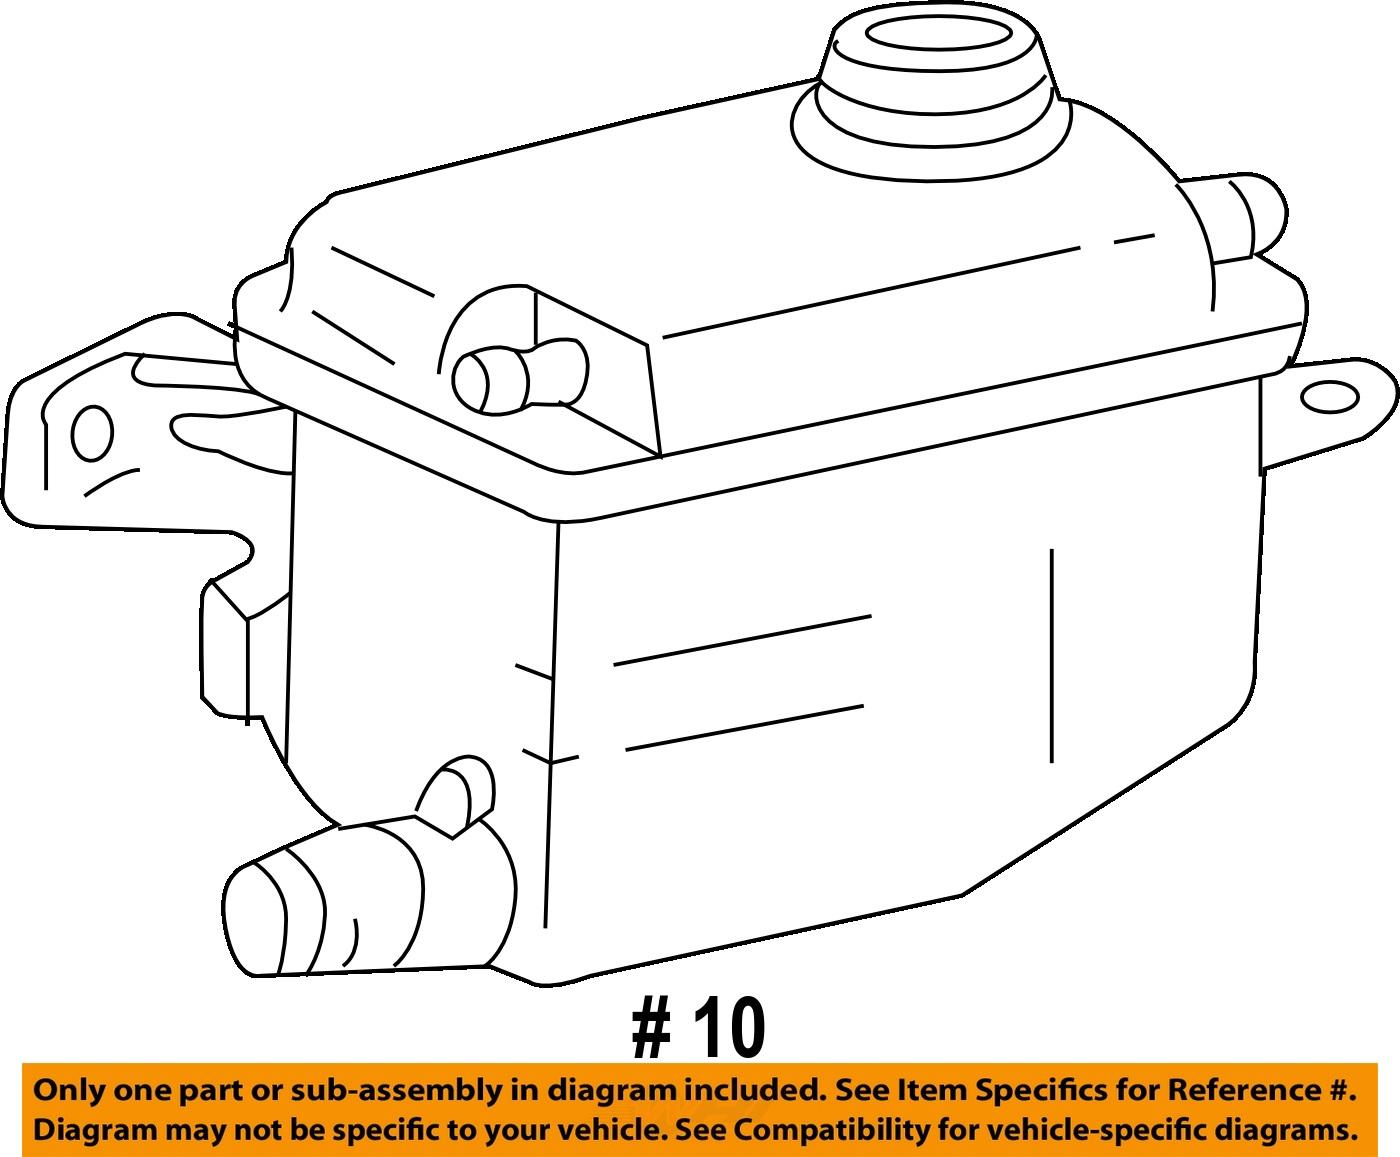 99 miata service manual wiring diagram  99  get free image